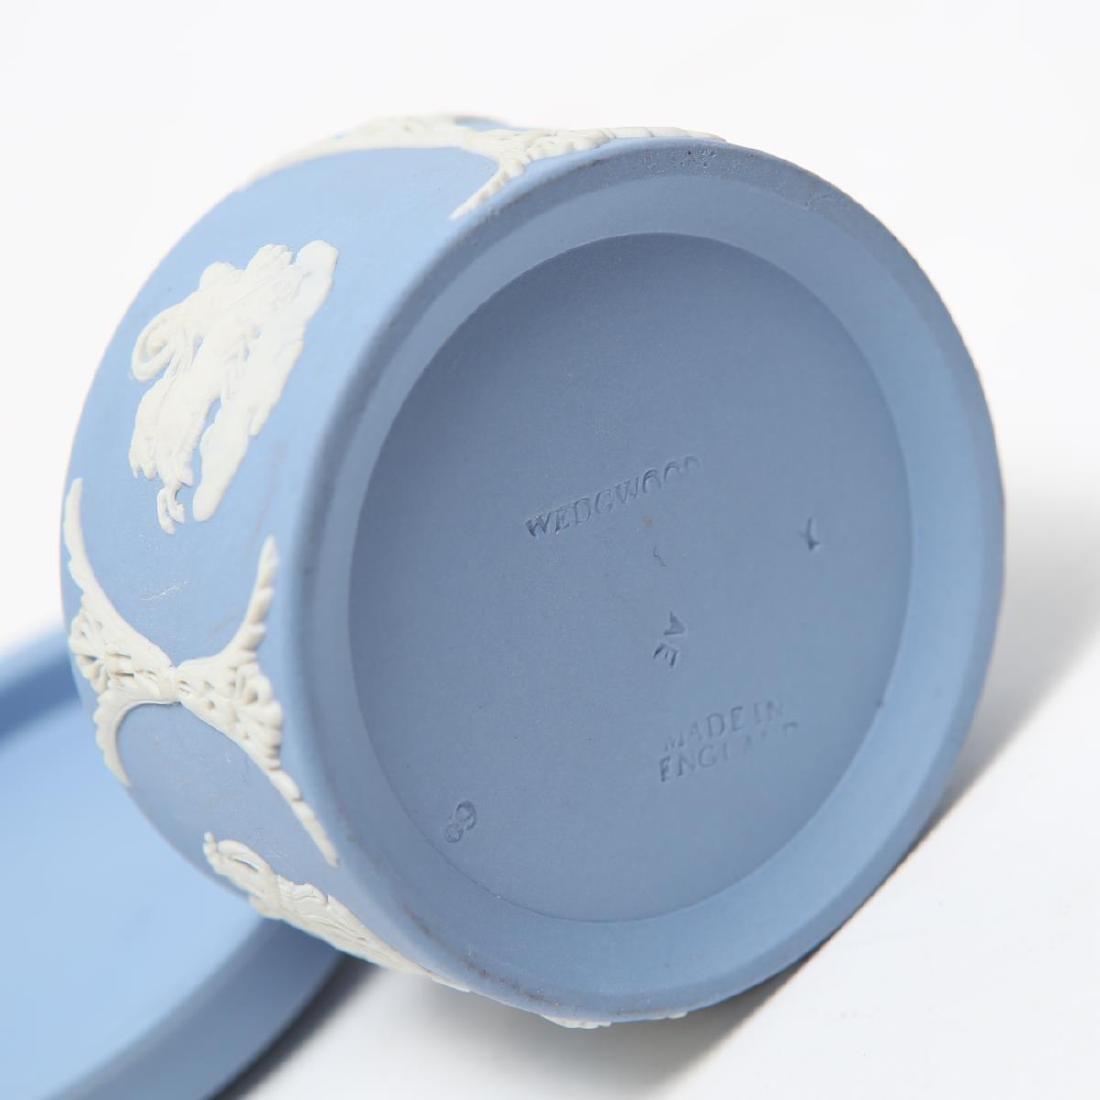 Wedgwood Green / Blue & White Jasperware Boxes, 5 - 8